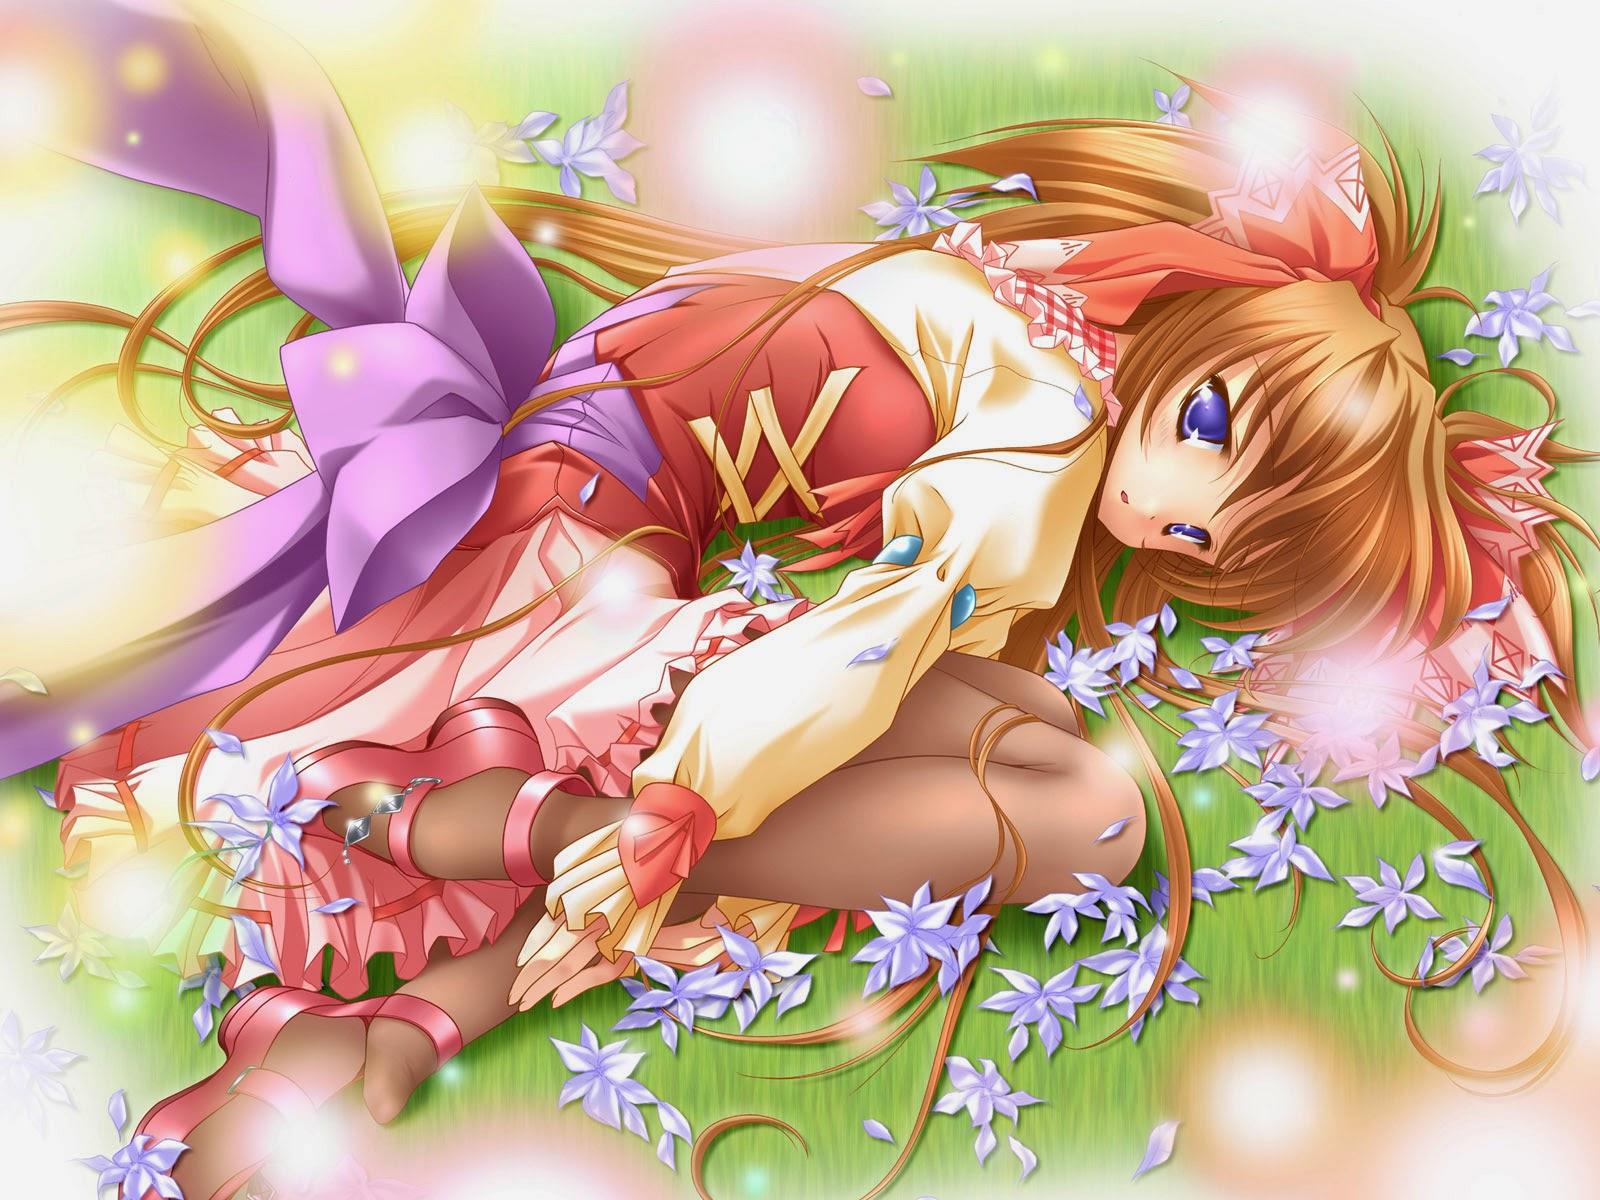 Anime Girls 53 Wallpaper